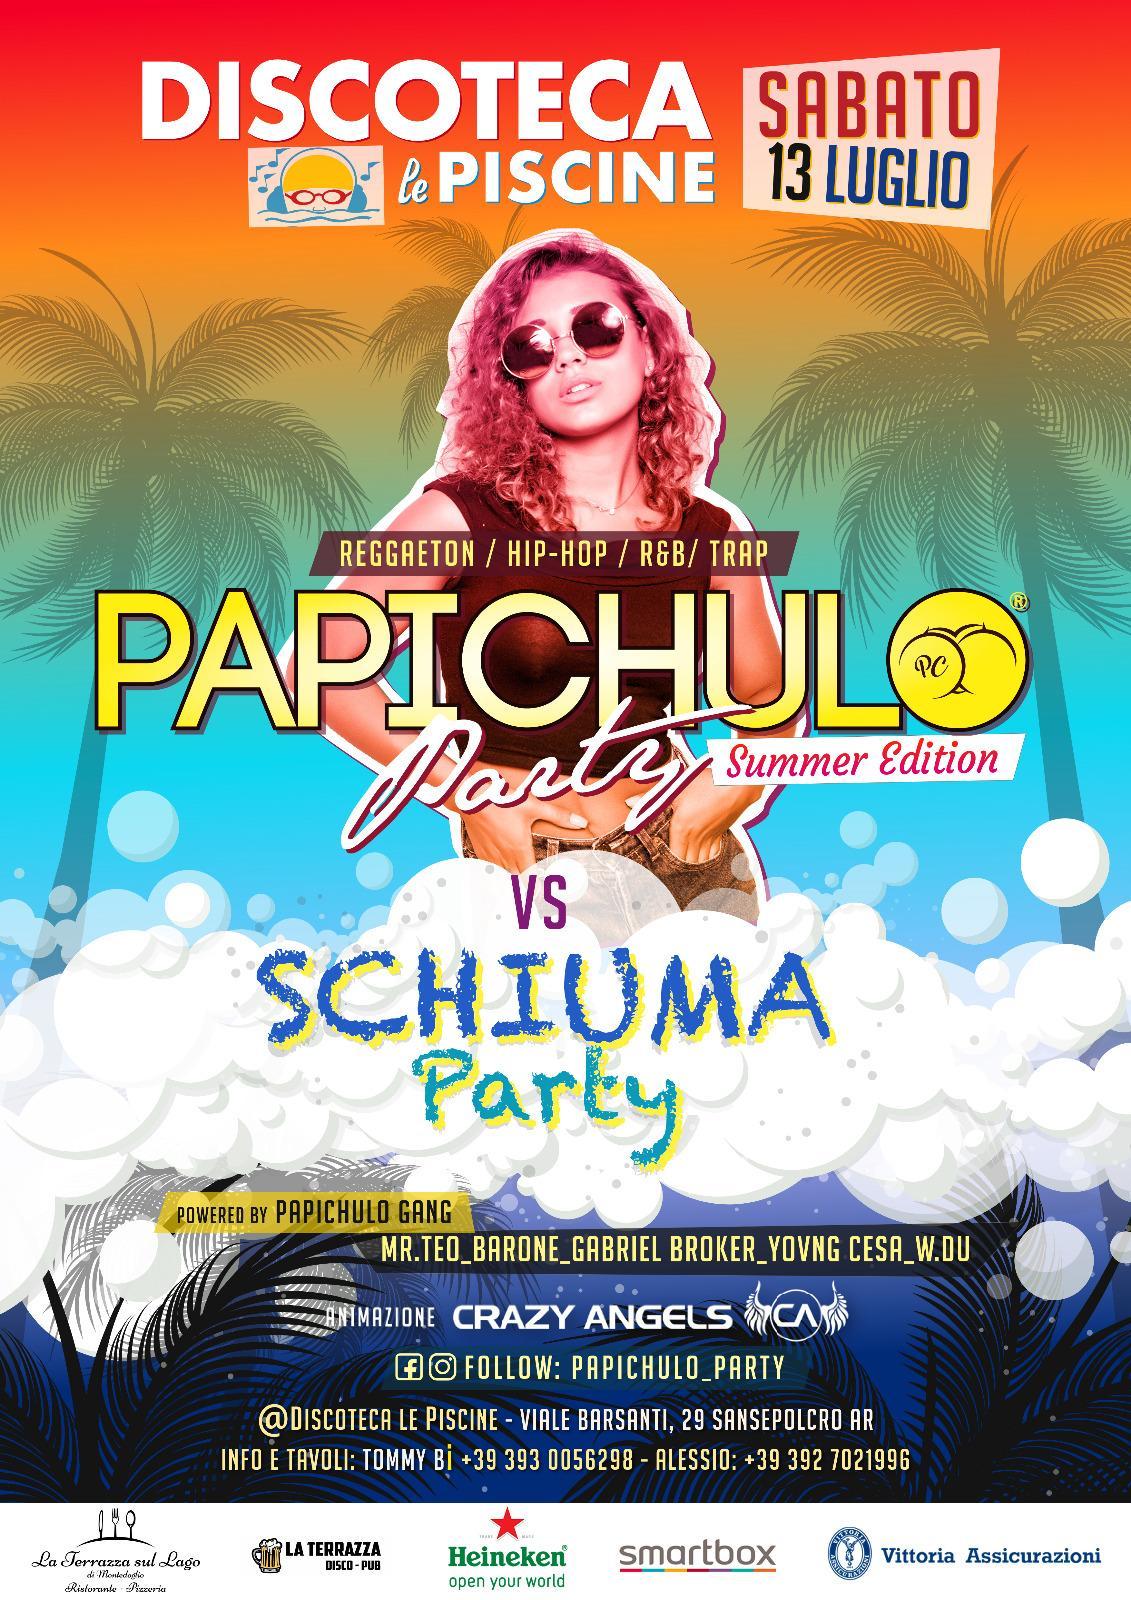 Papichulo-schiuma-party-2 Home